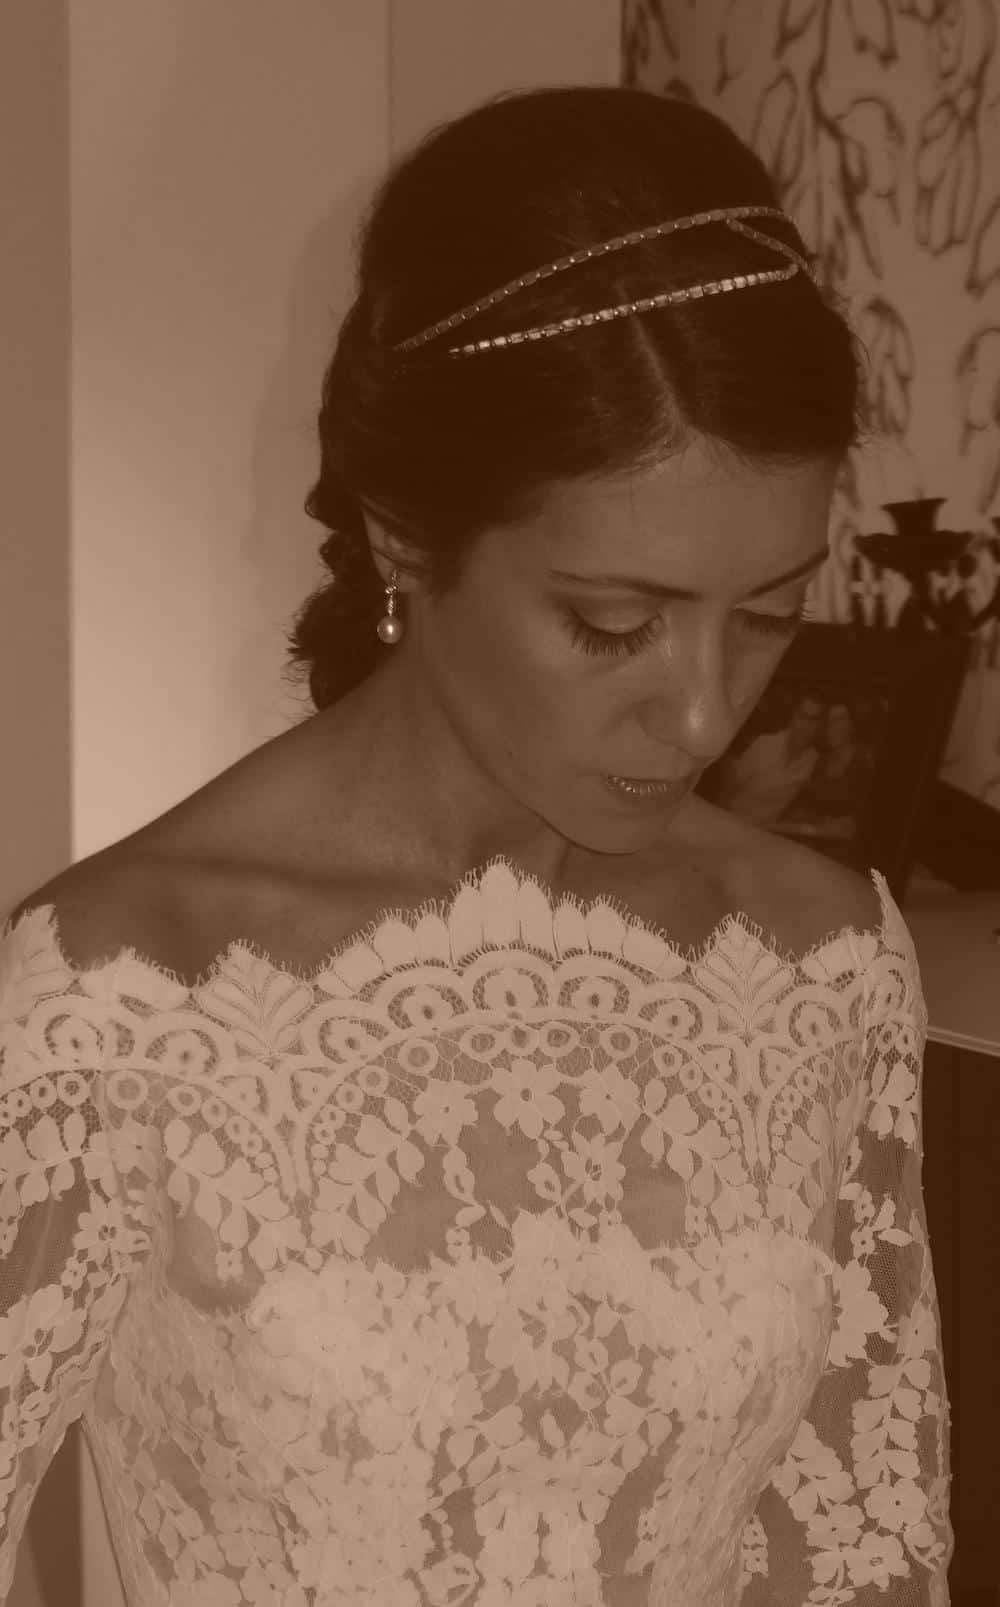 Tocado de boda para novia con diadema dorada y vestido de encaje blanco